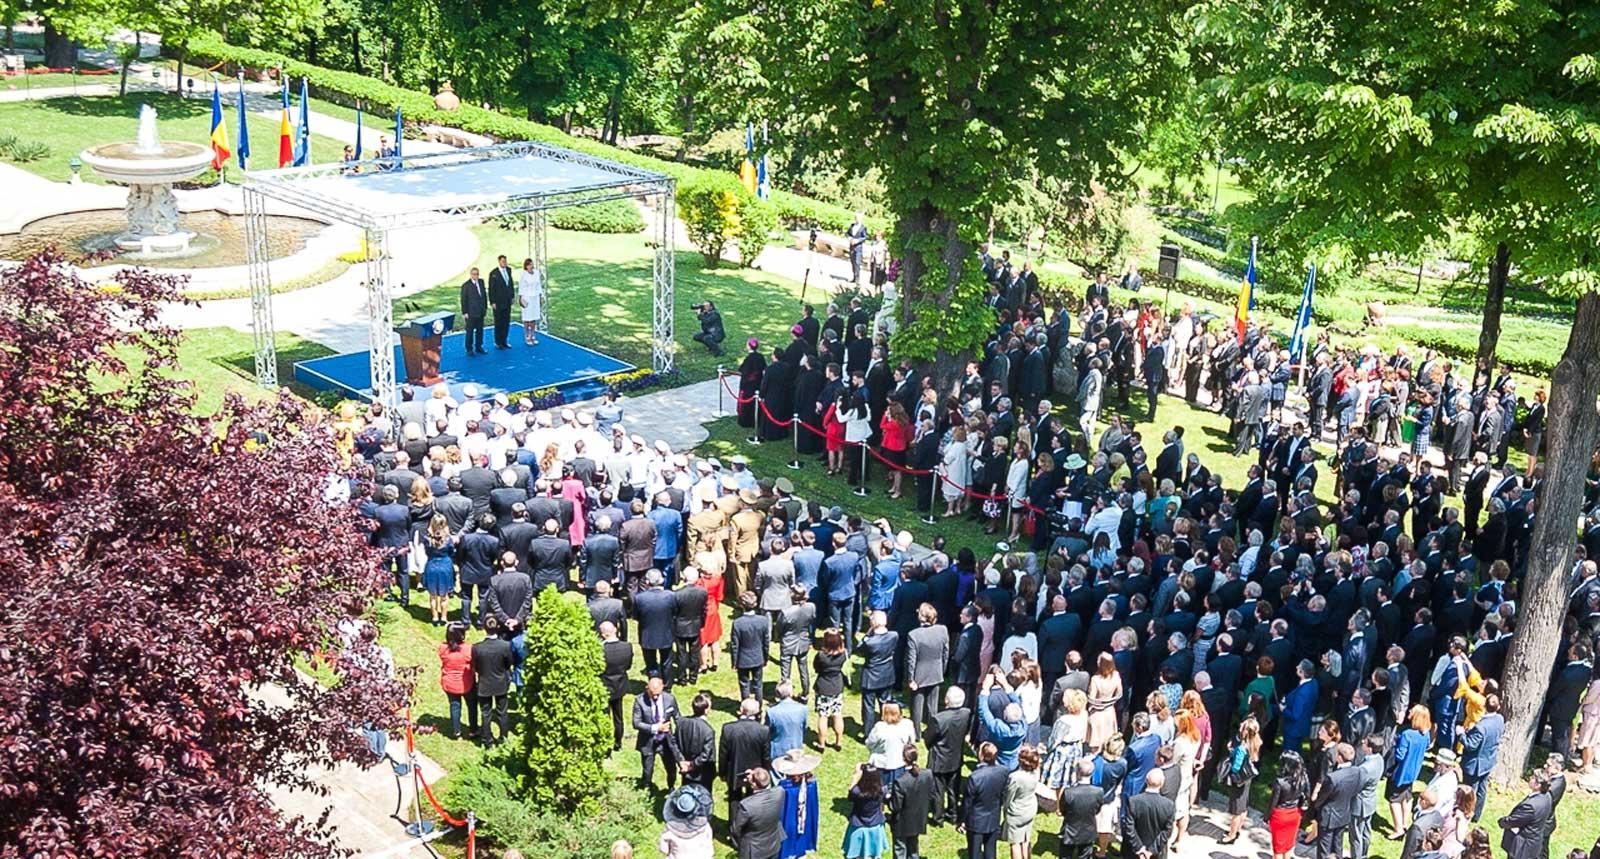 Recepție oficială la Palatul Cotroceni cu prilejul Zilei Europei